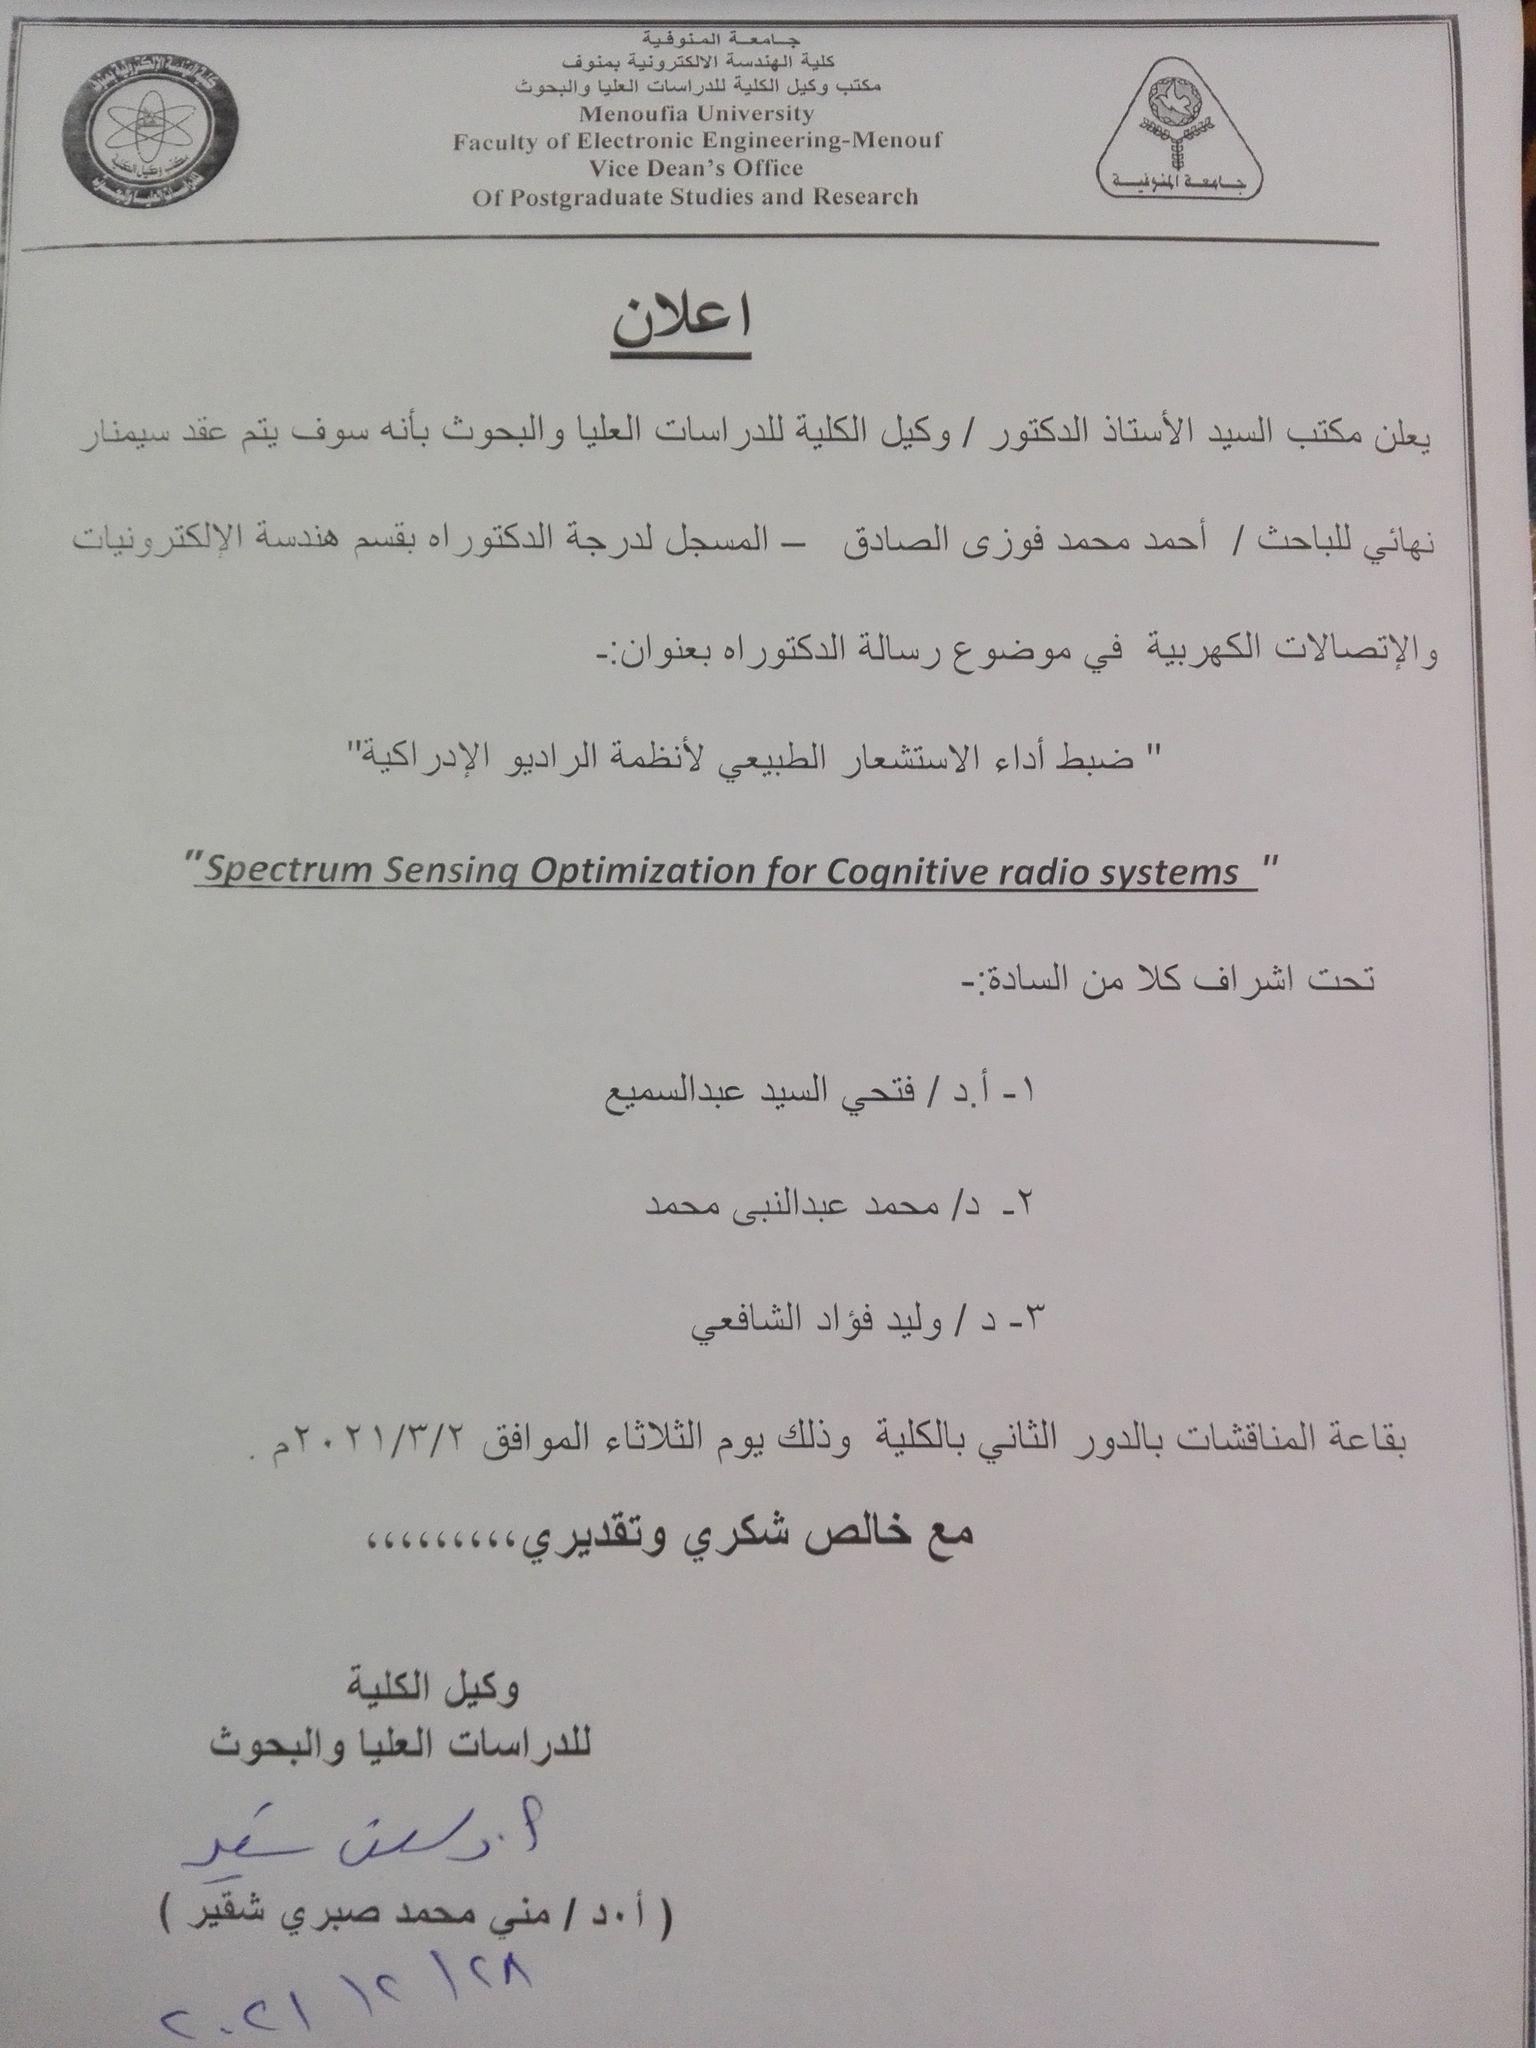 عقد سيمنار نهائي للباحث / أحمد محمد فوزي الصادق